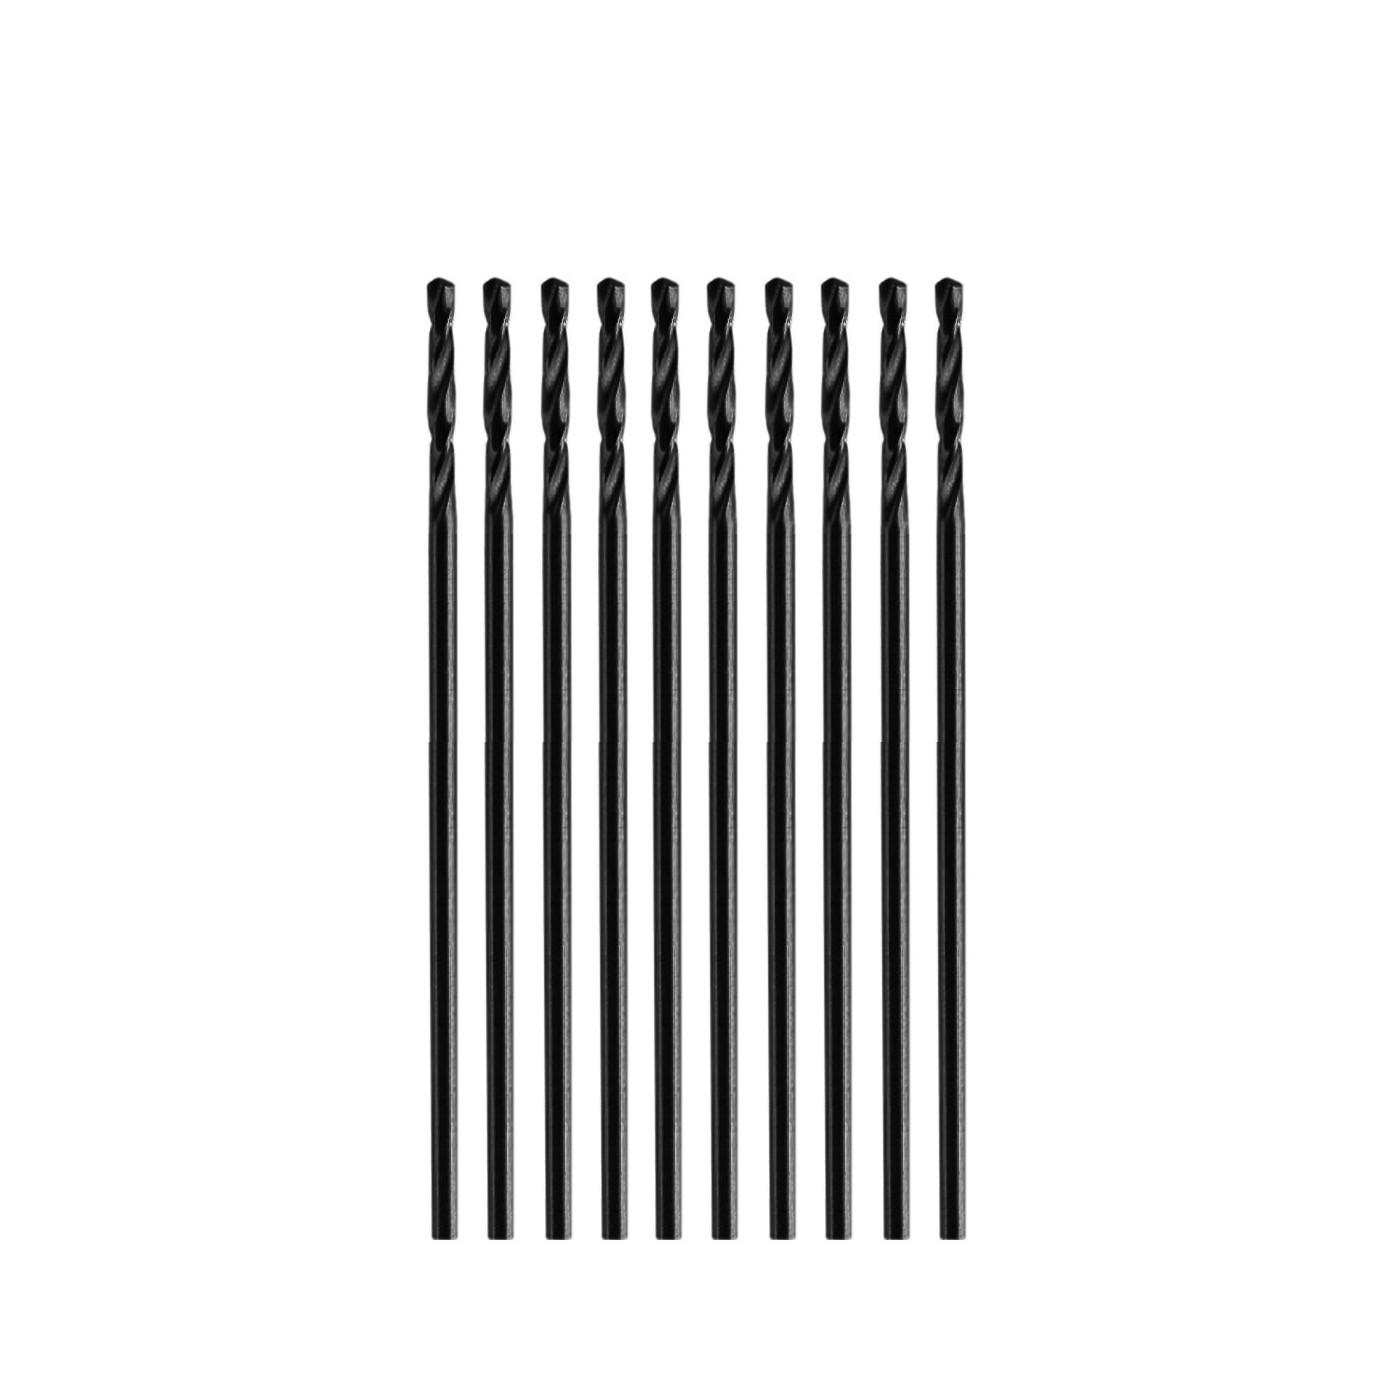 Set von 10 kleinen Metallbohrern (1,0 x 34 mm, HSS-R)